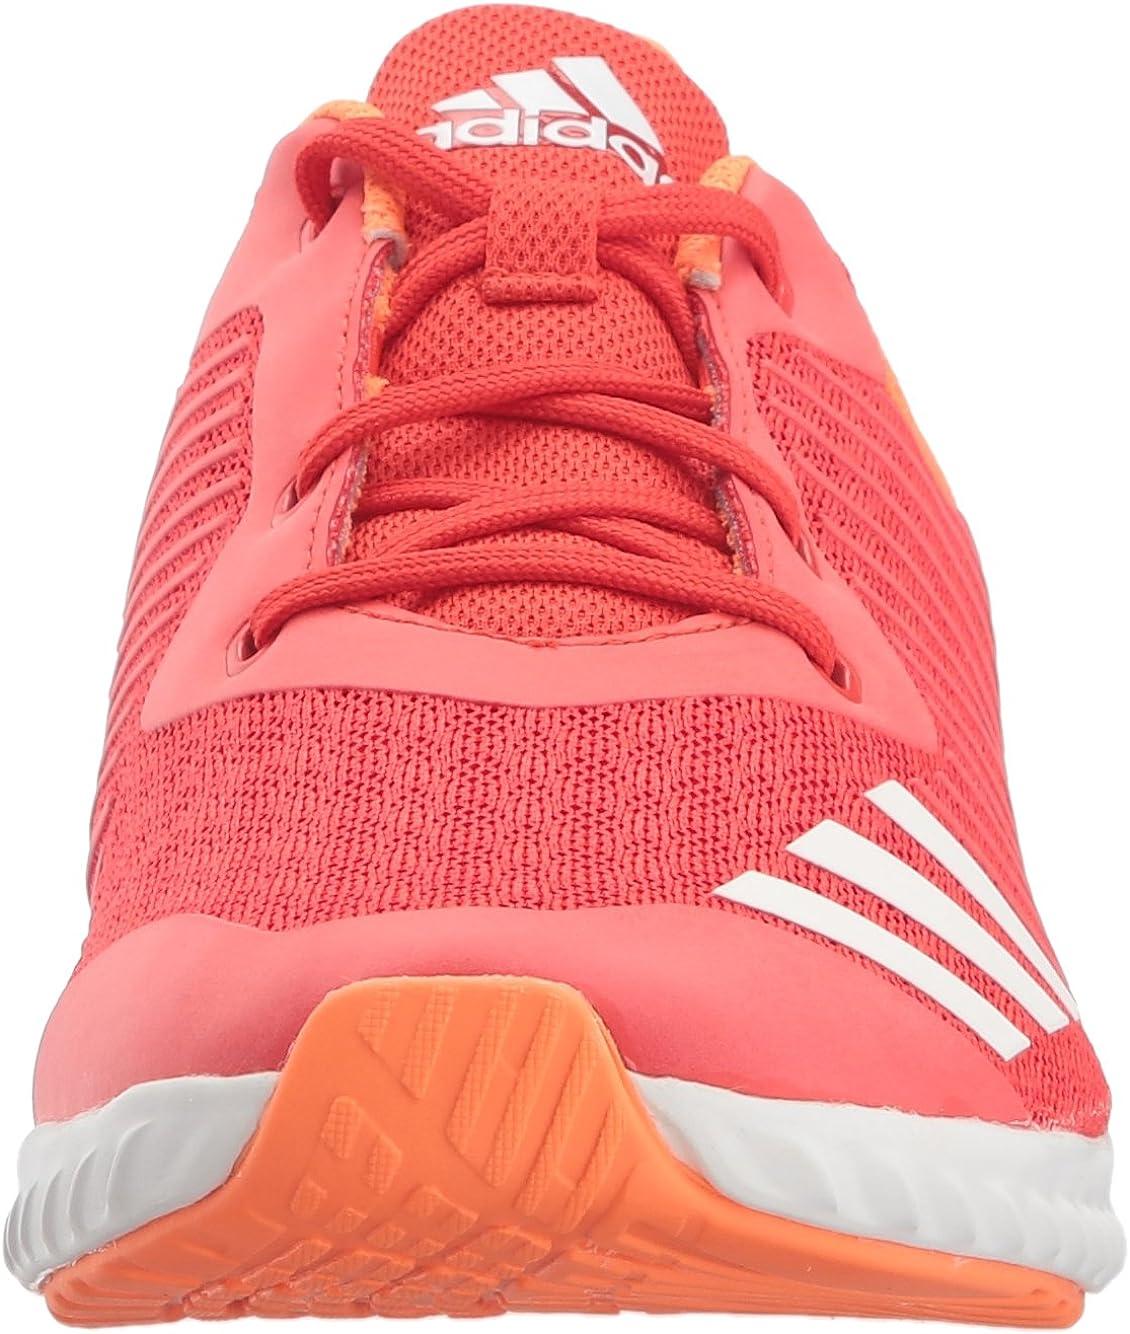 Adidas Fortarun Chaussures de course pour garçon Rouge Blanc Orange Haute Résolution